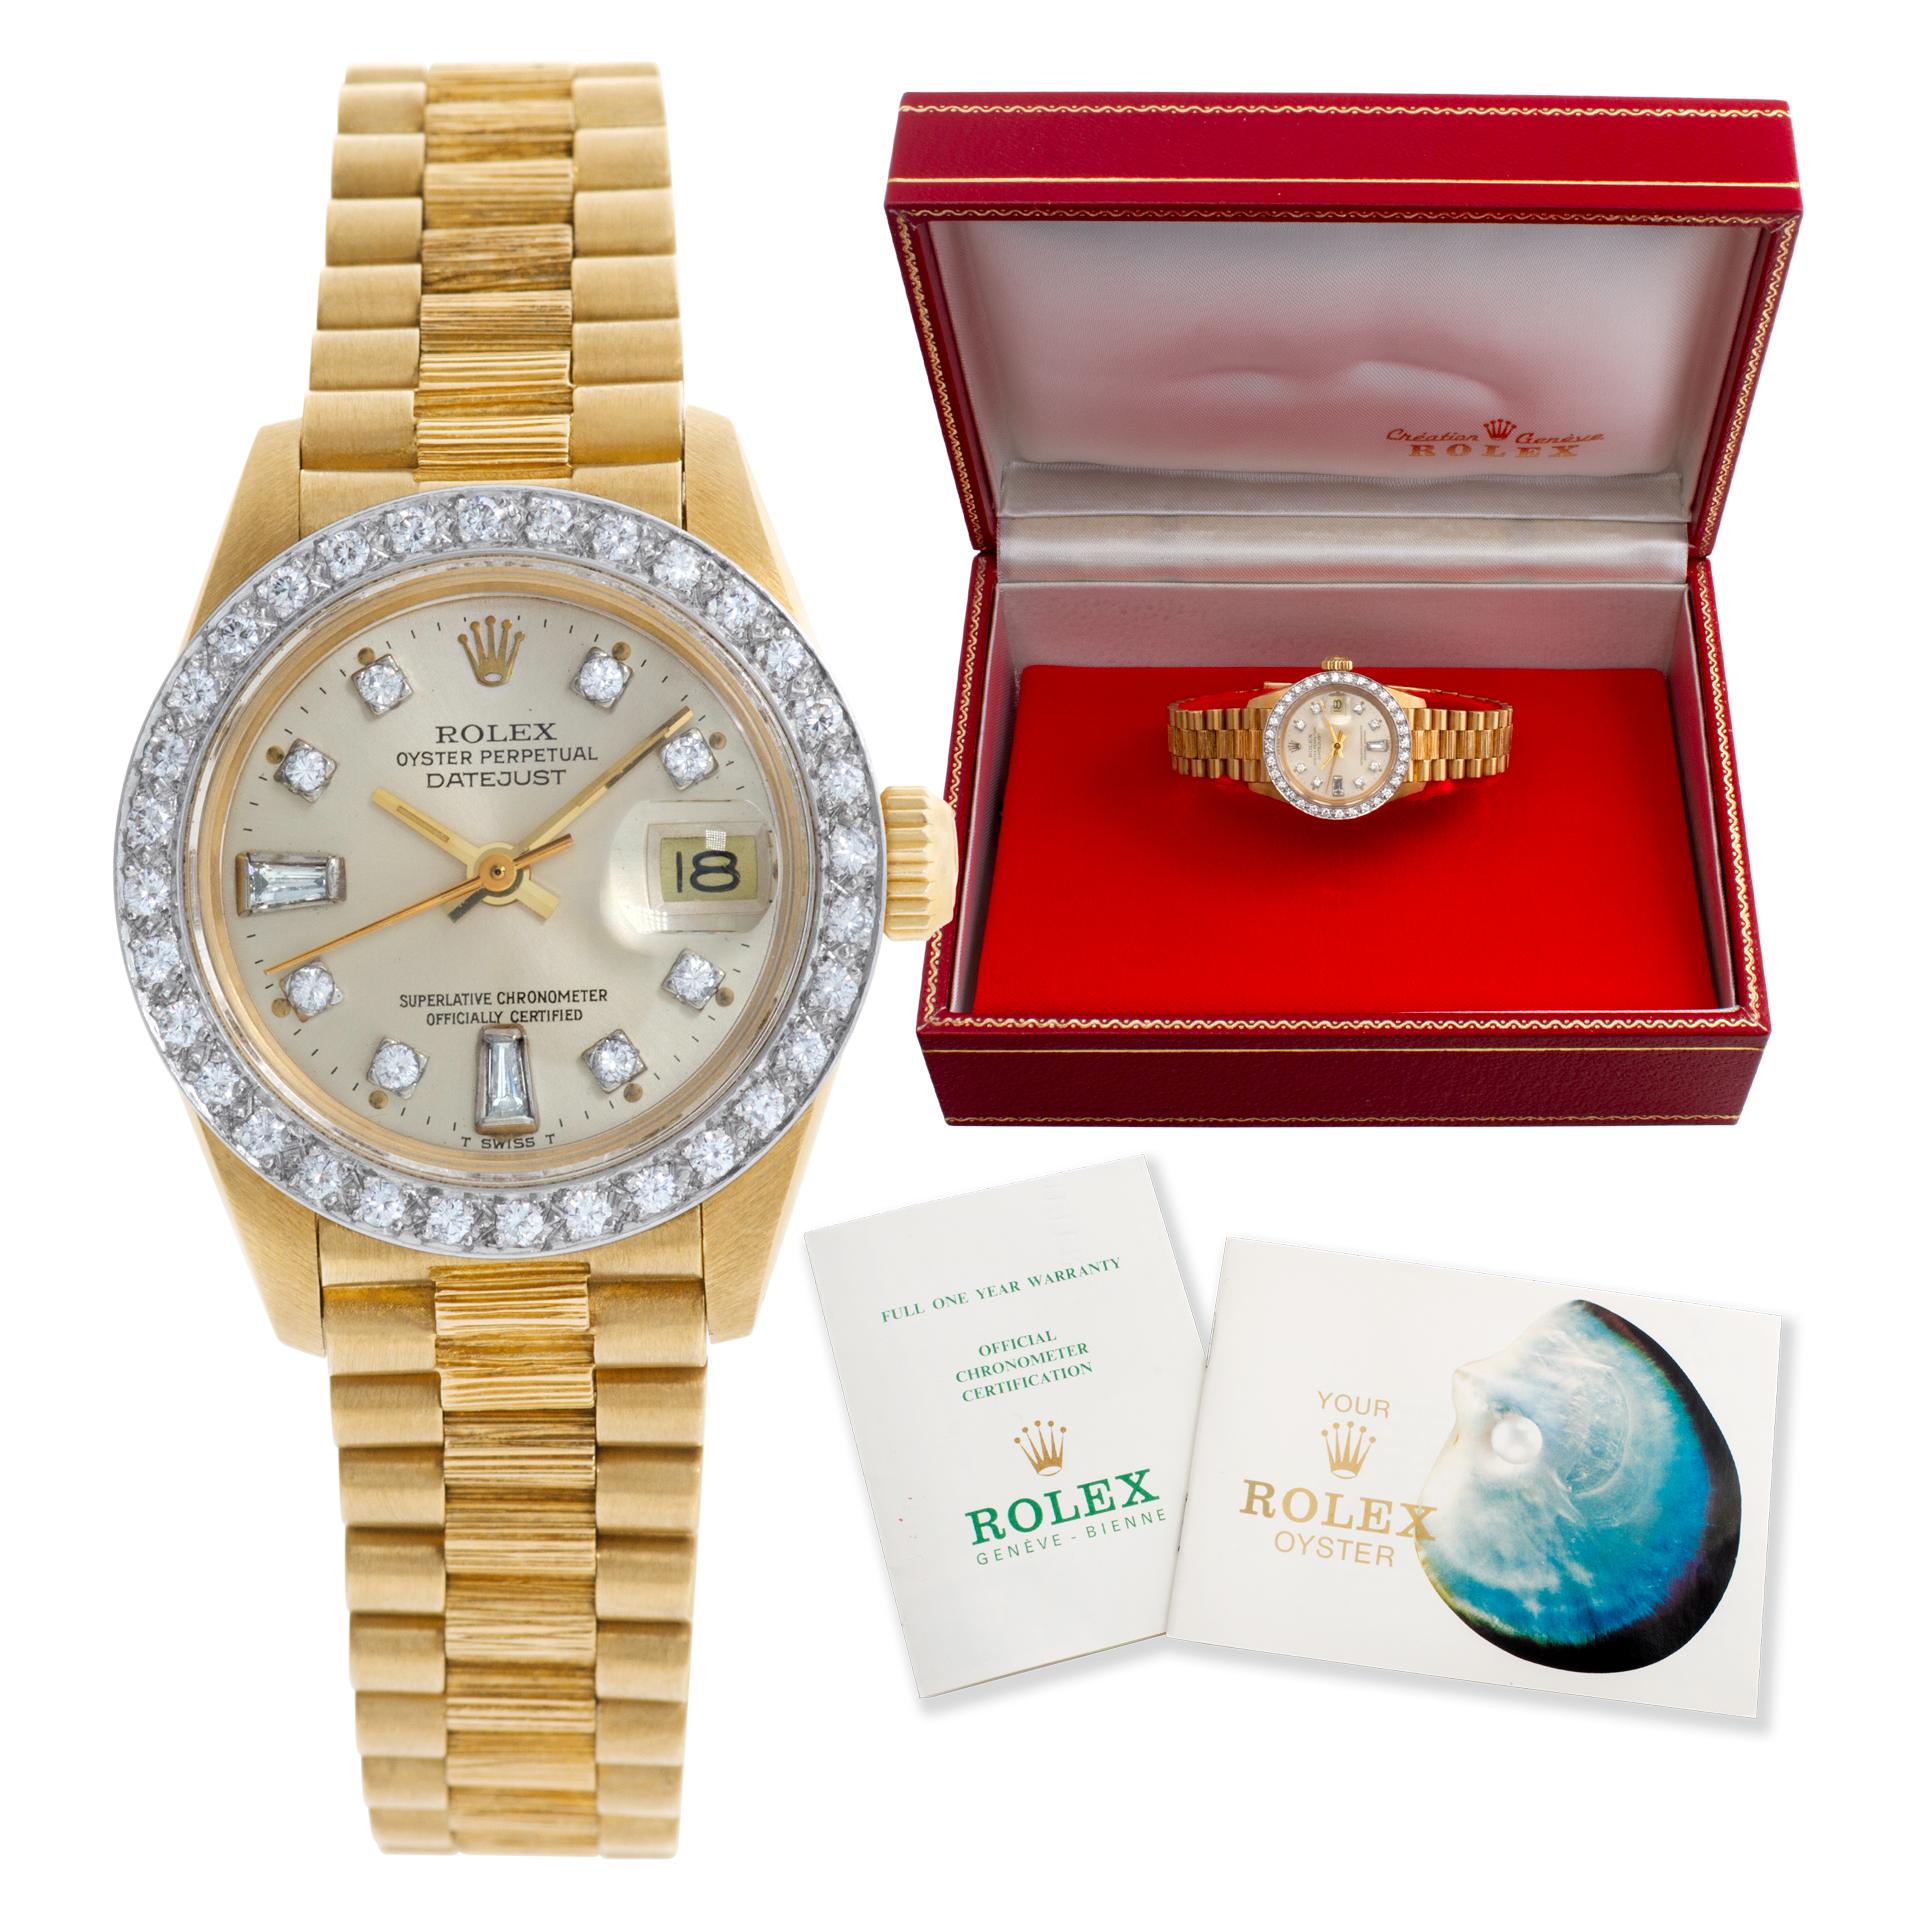 Rolex Datejust 6927 18k 26mm auto watch